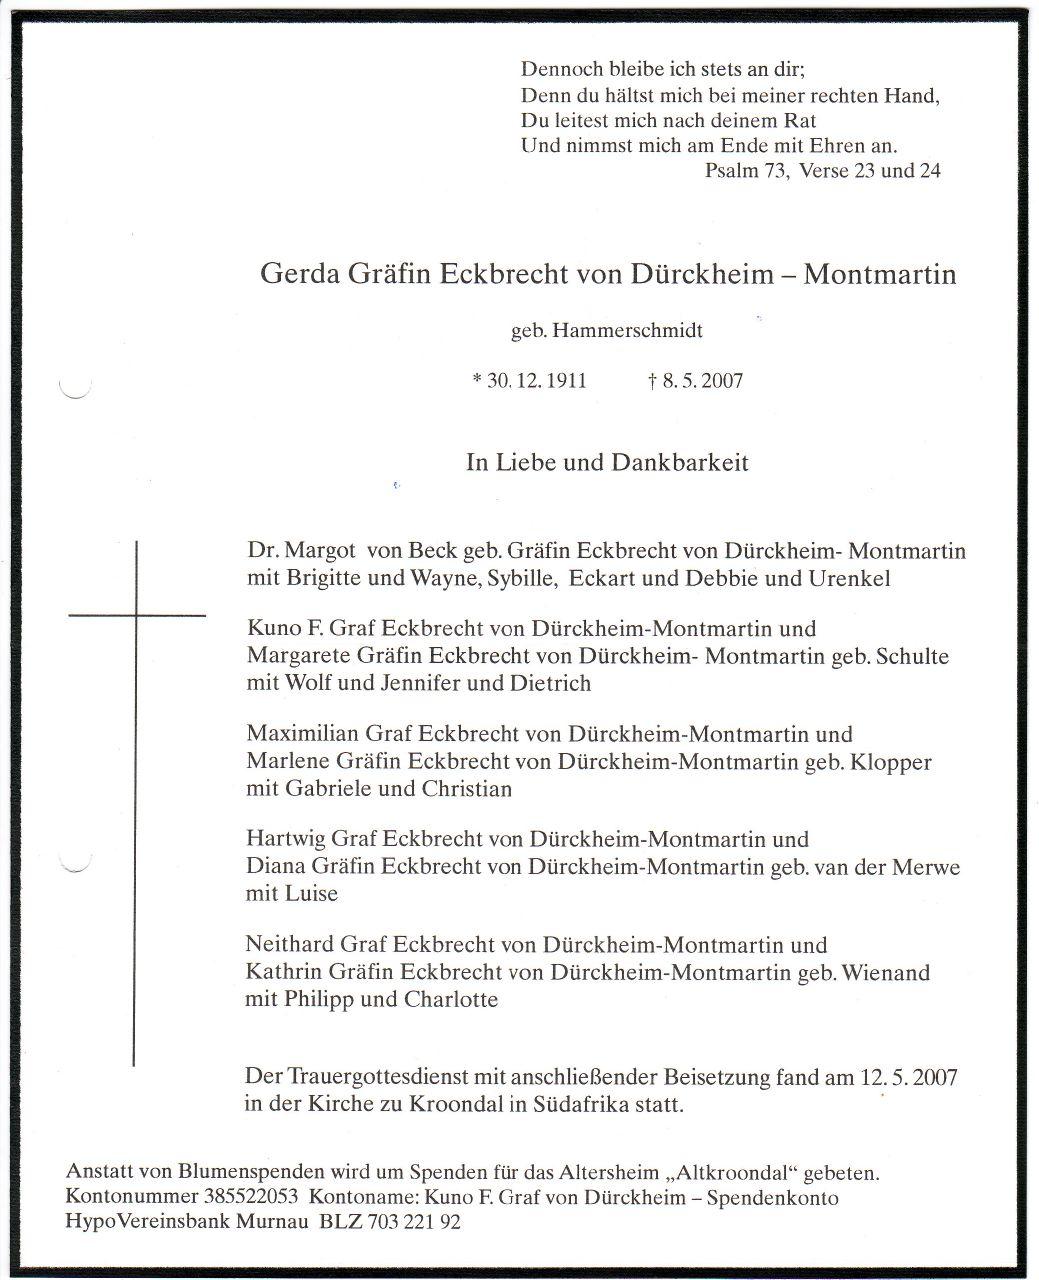 Todesanzeige von Gerda von Dürckheim